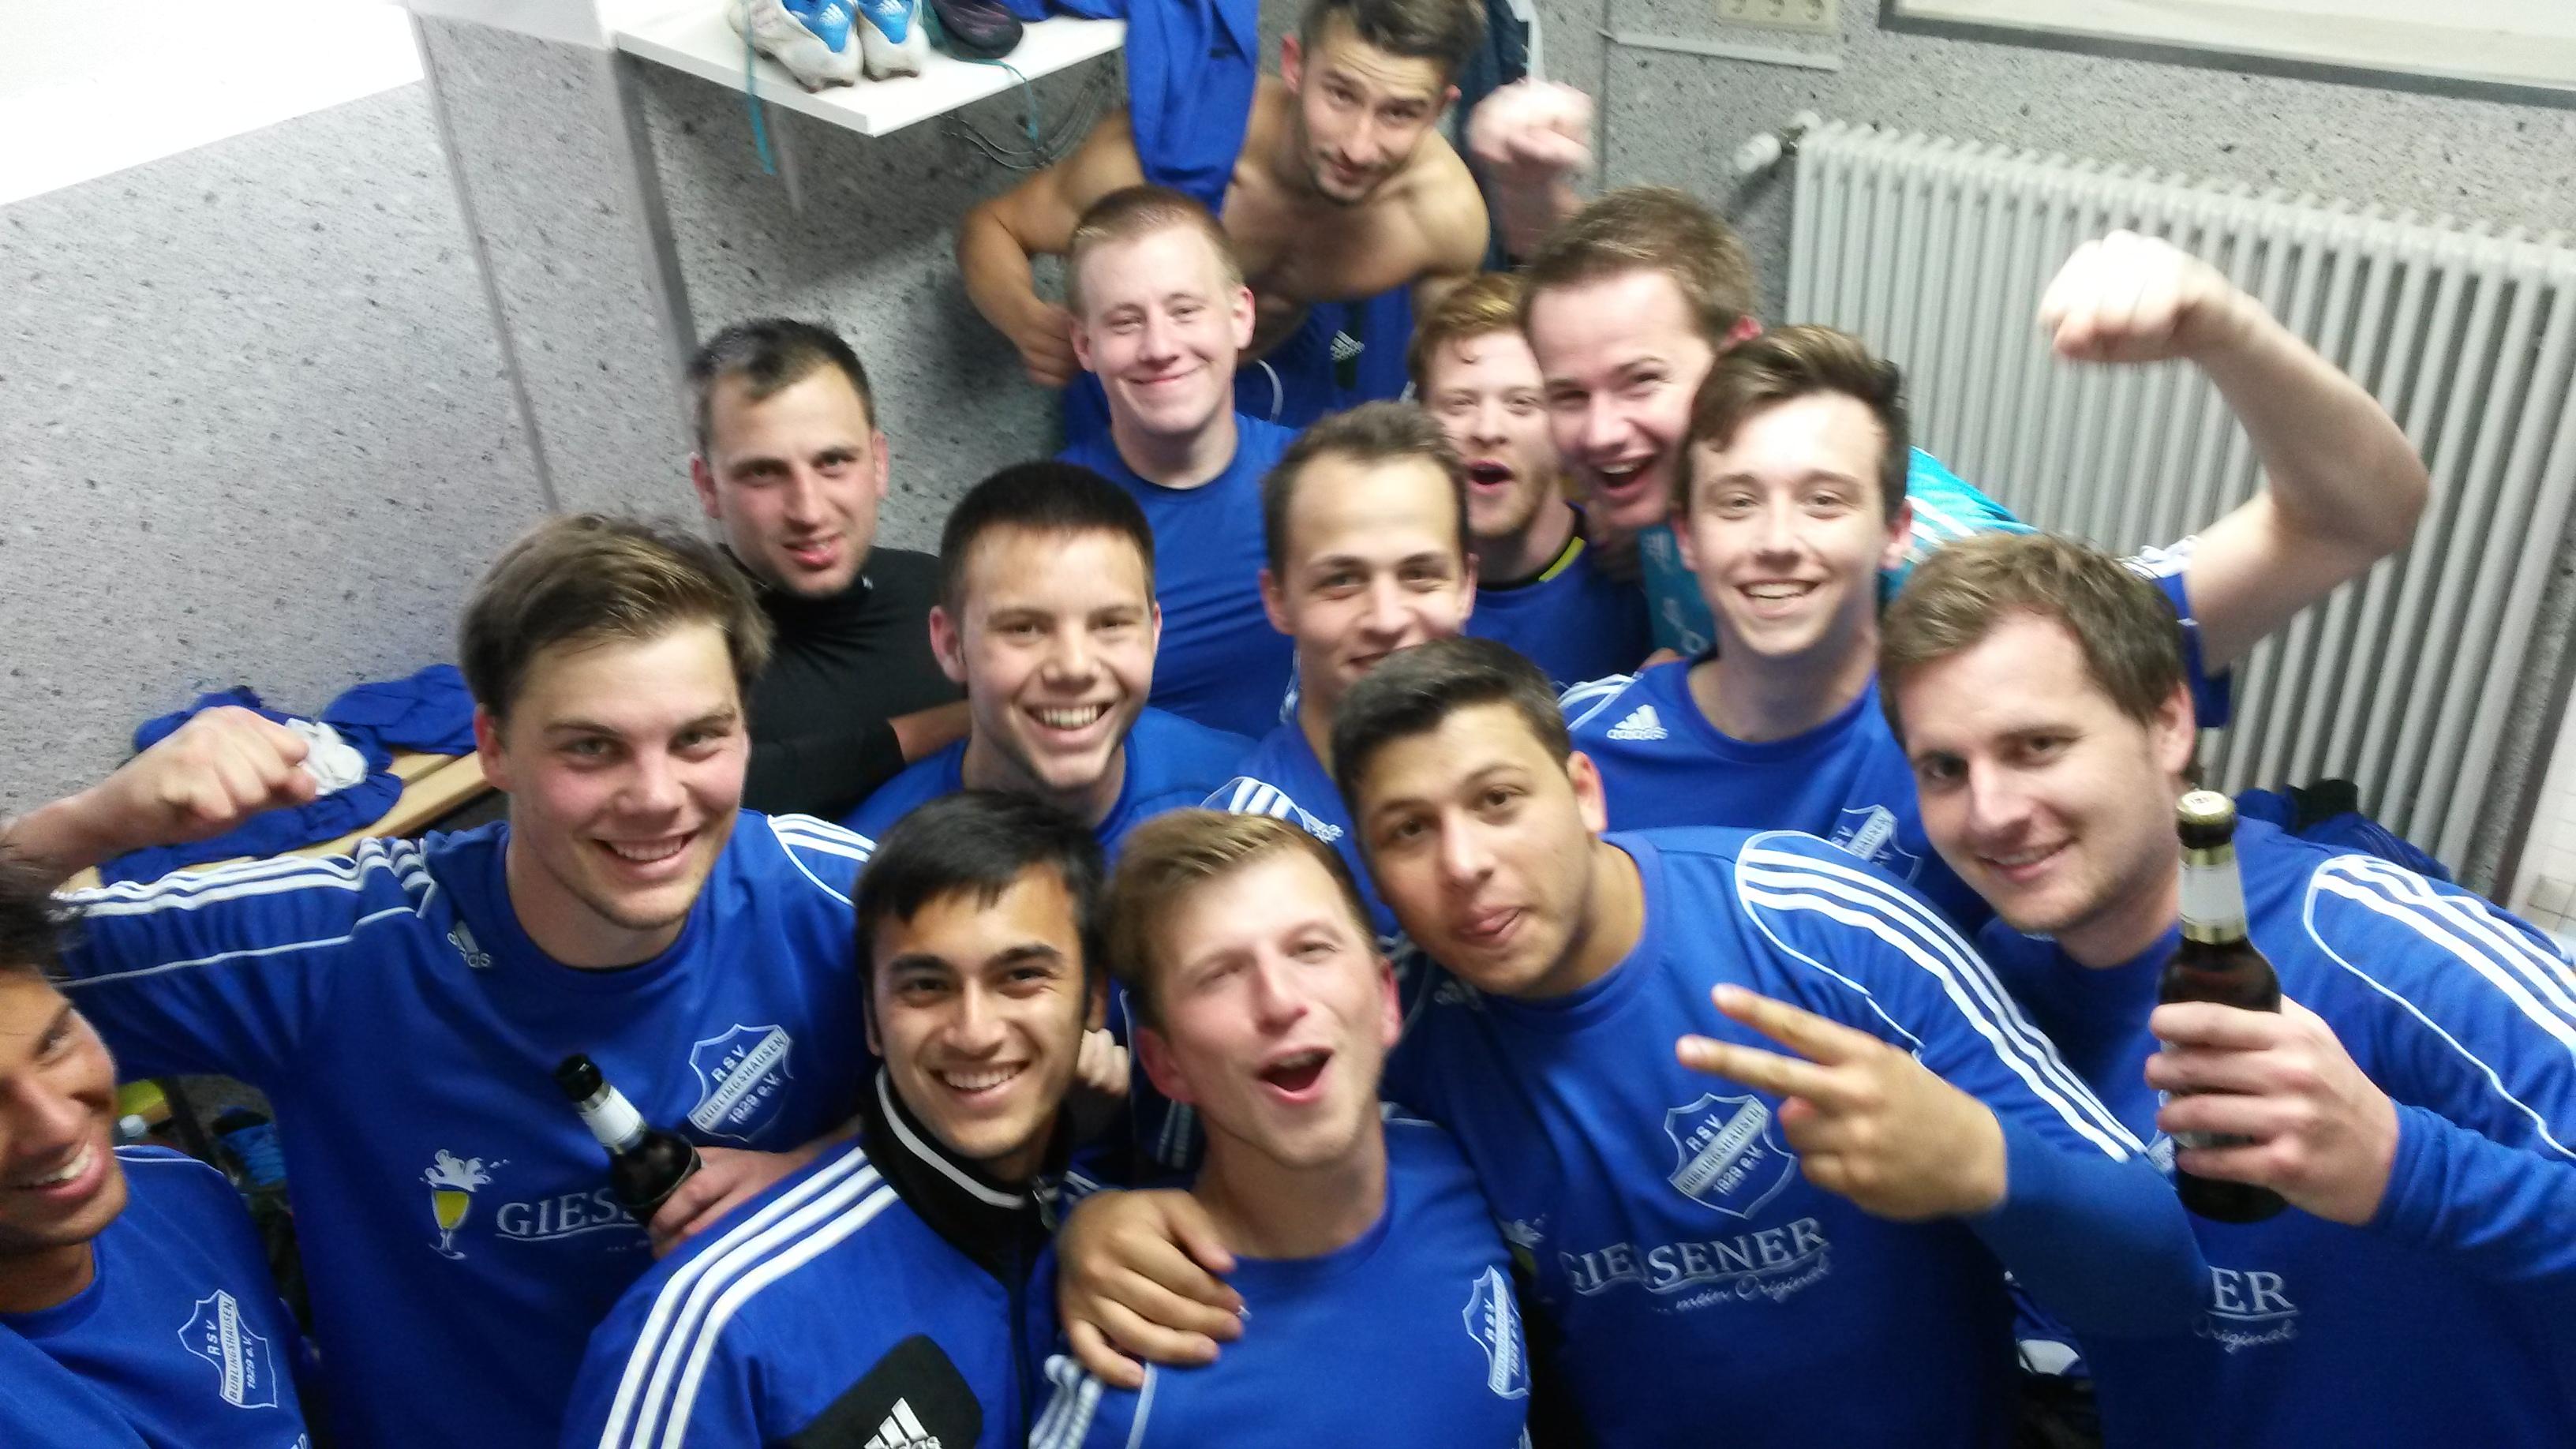 Letzter Spieltag: RSV-Zweite bleibt nach 1:1 bei der SG Nauborn/Laufdorf A-Ligist